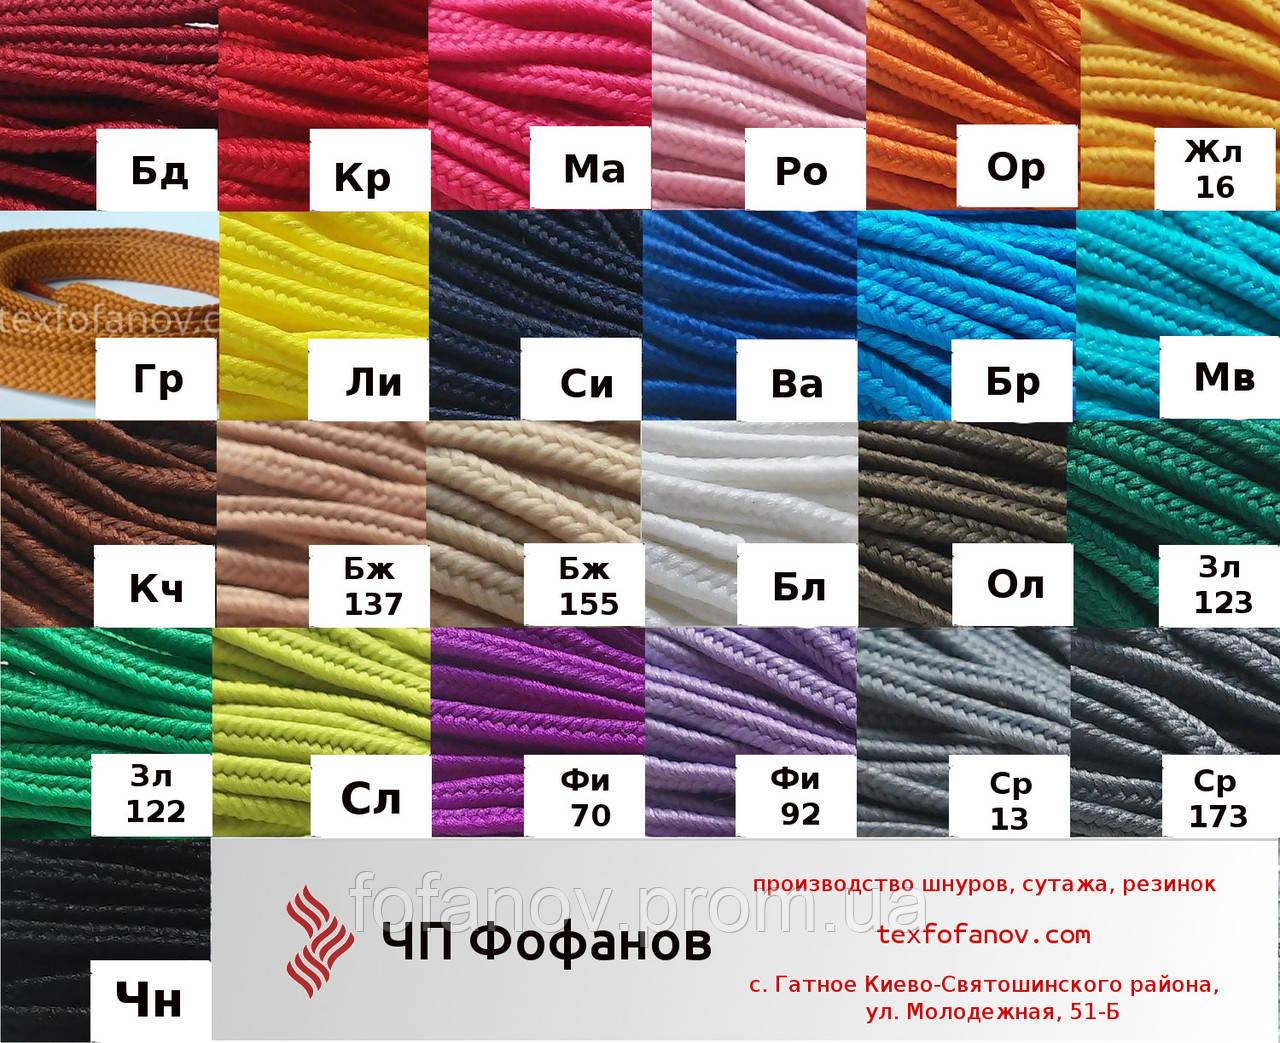 шнур 5 мм для вязания ковра полиэфирный 100 м цена 143 грнмоток